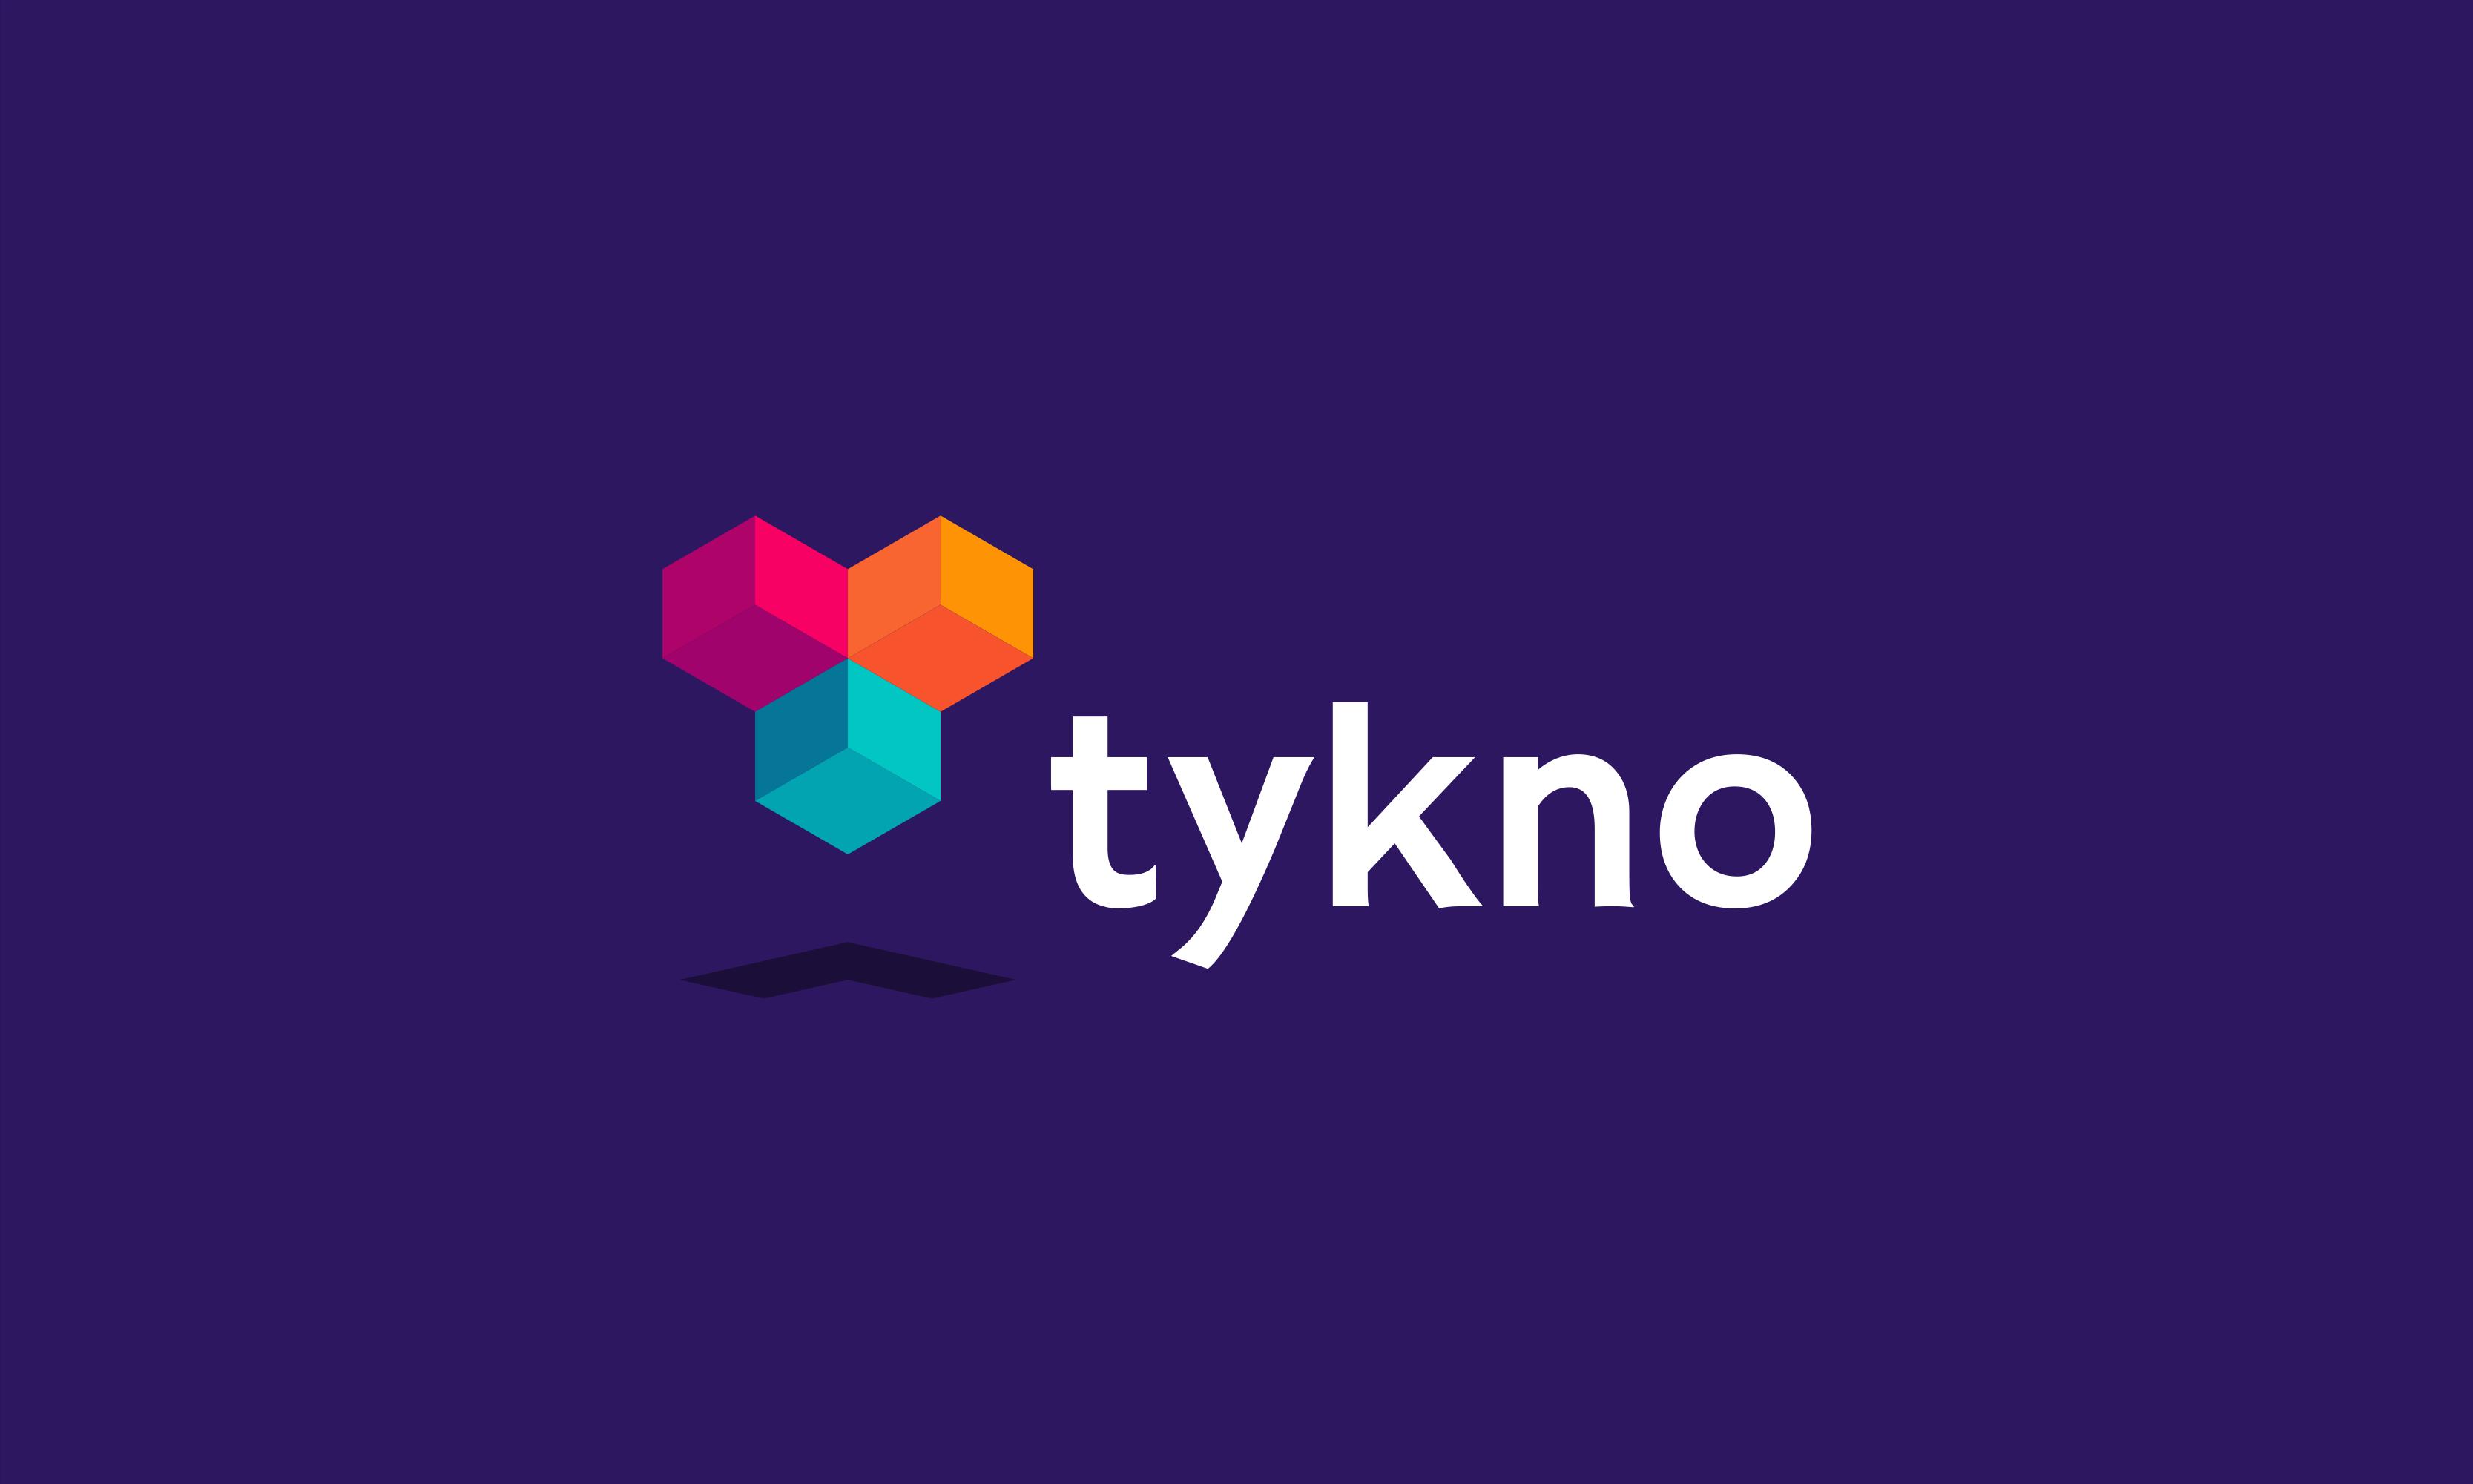 tykno logo